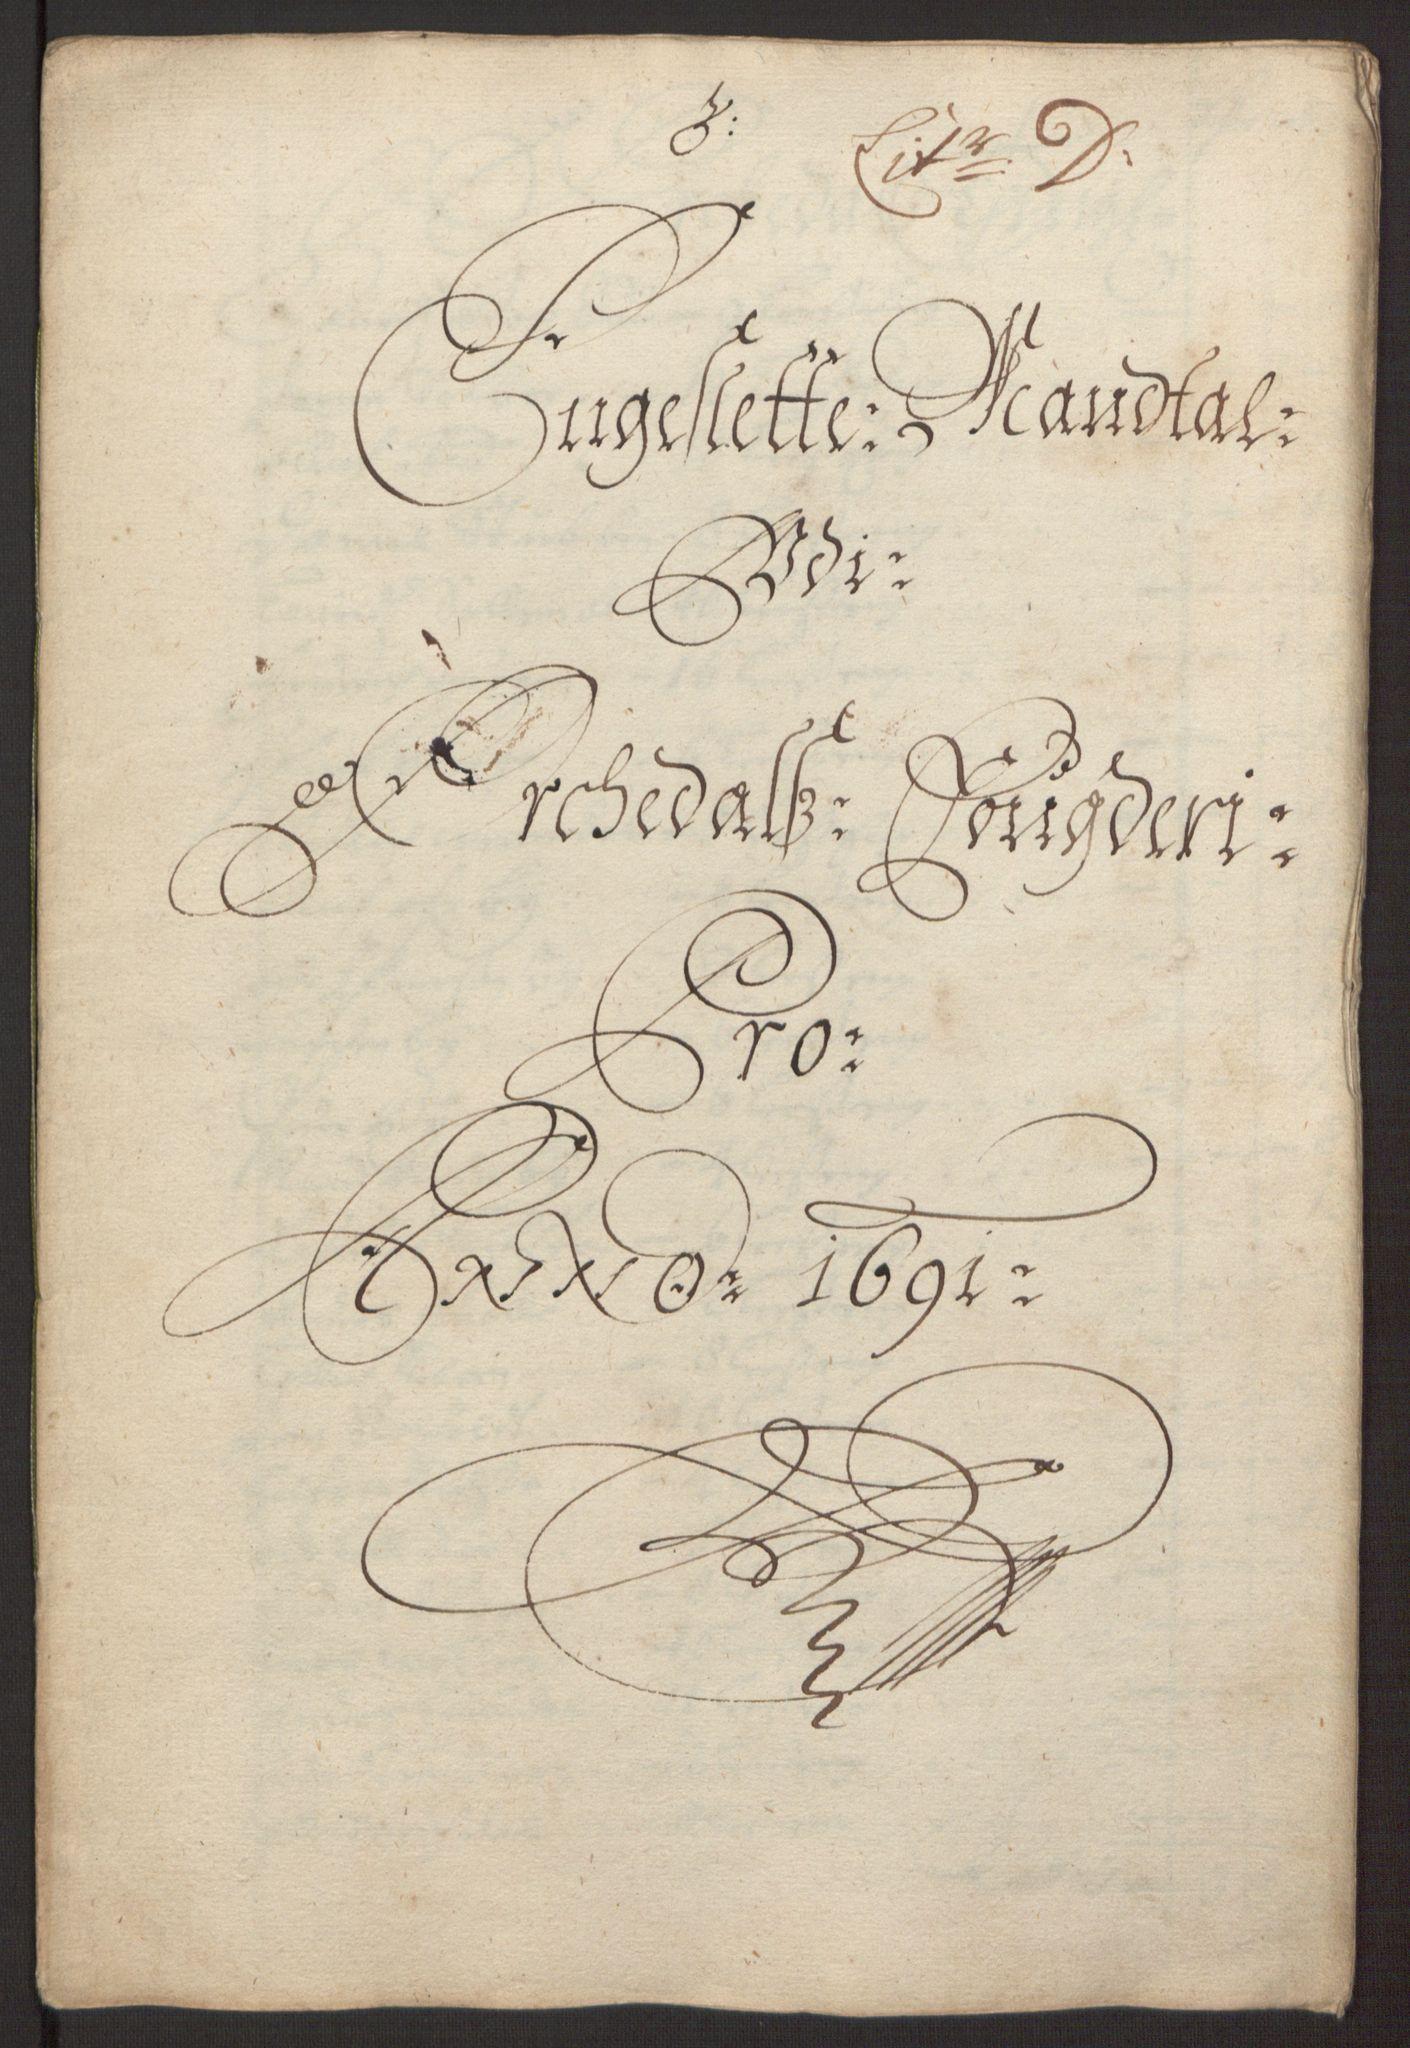 RA, Rentekammeret inntil 1814, Reviderte regnskaper, Fogderegnskap, R58/L3937: Fogderegnskap Orkdal, 1691-1692, s. 43